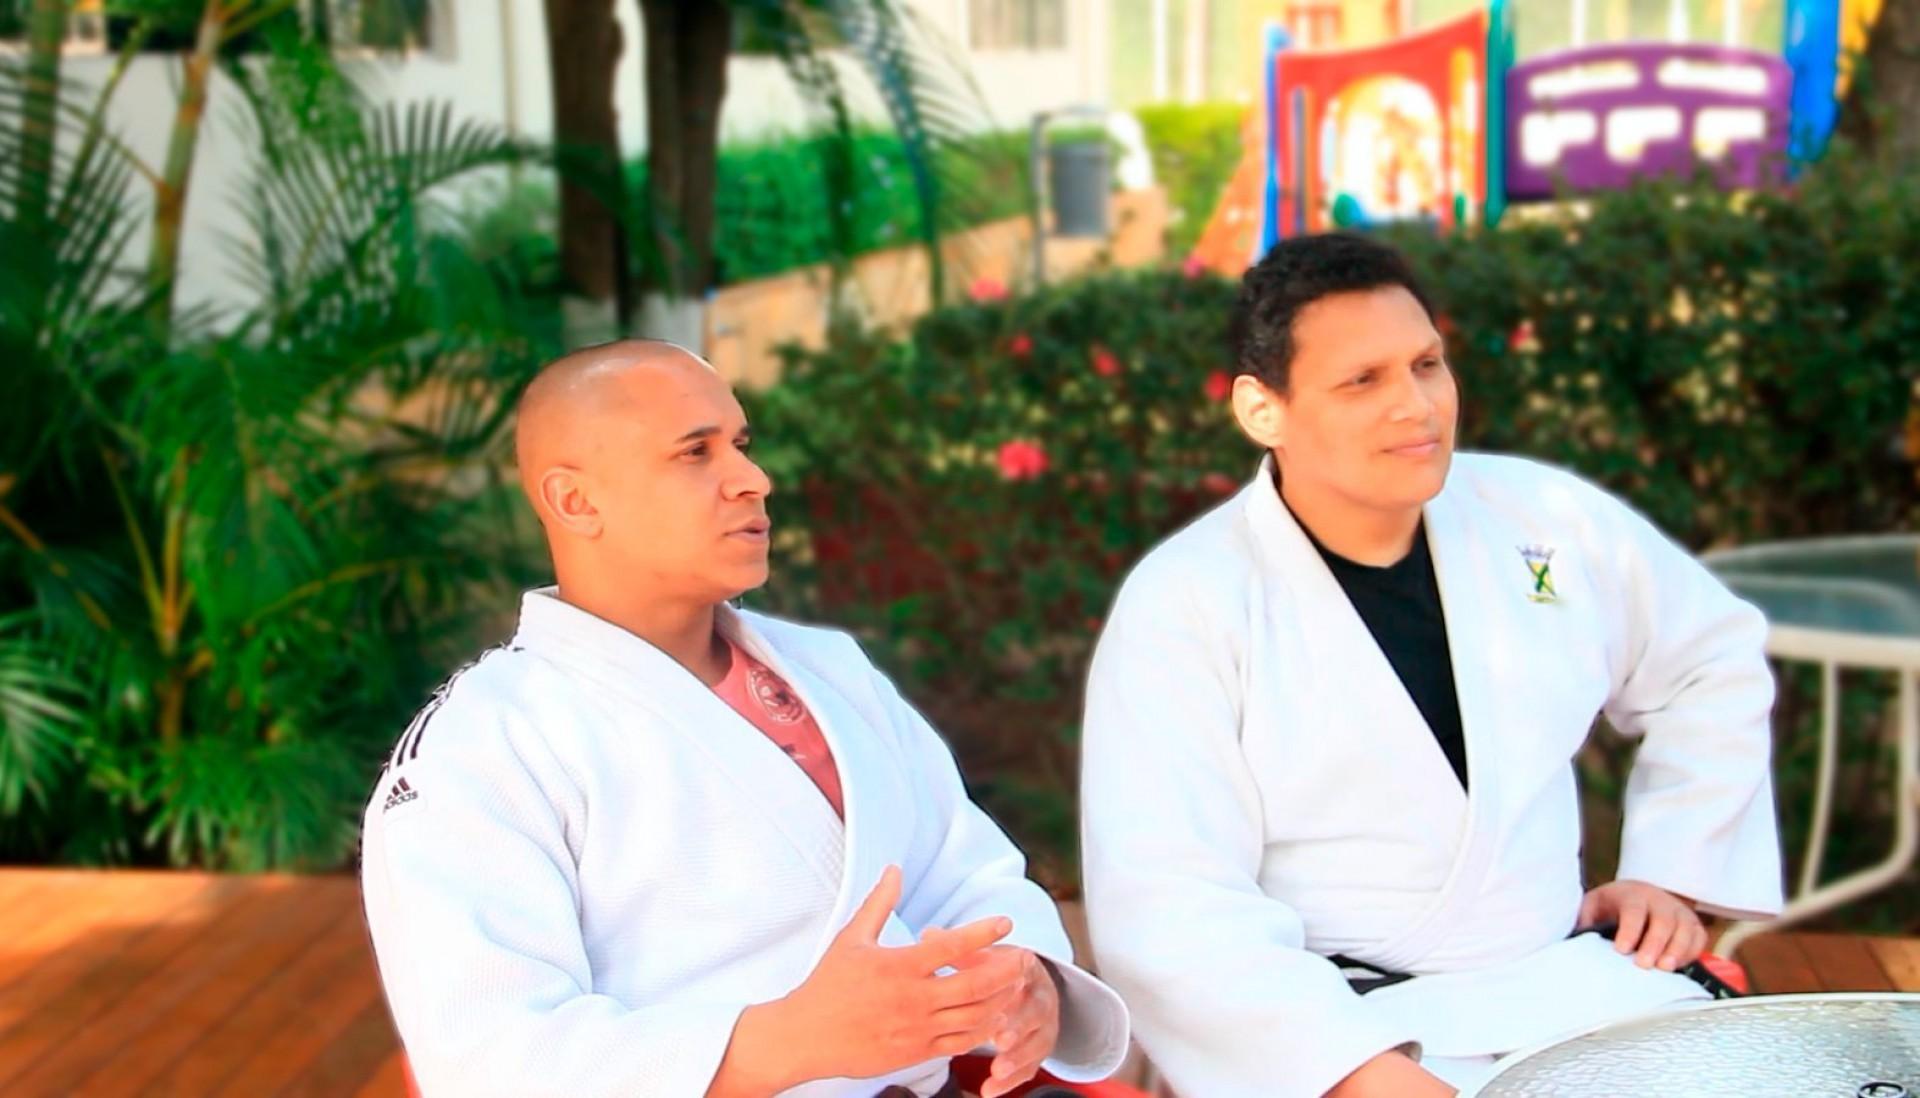 Edinanci Silva (à direita), ao lado do mestre Jefferson Freitas (Foto: Reprodução / Twitter)